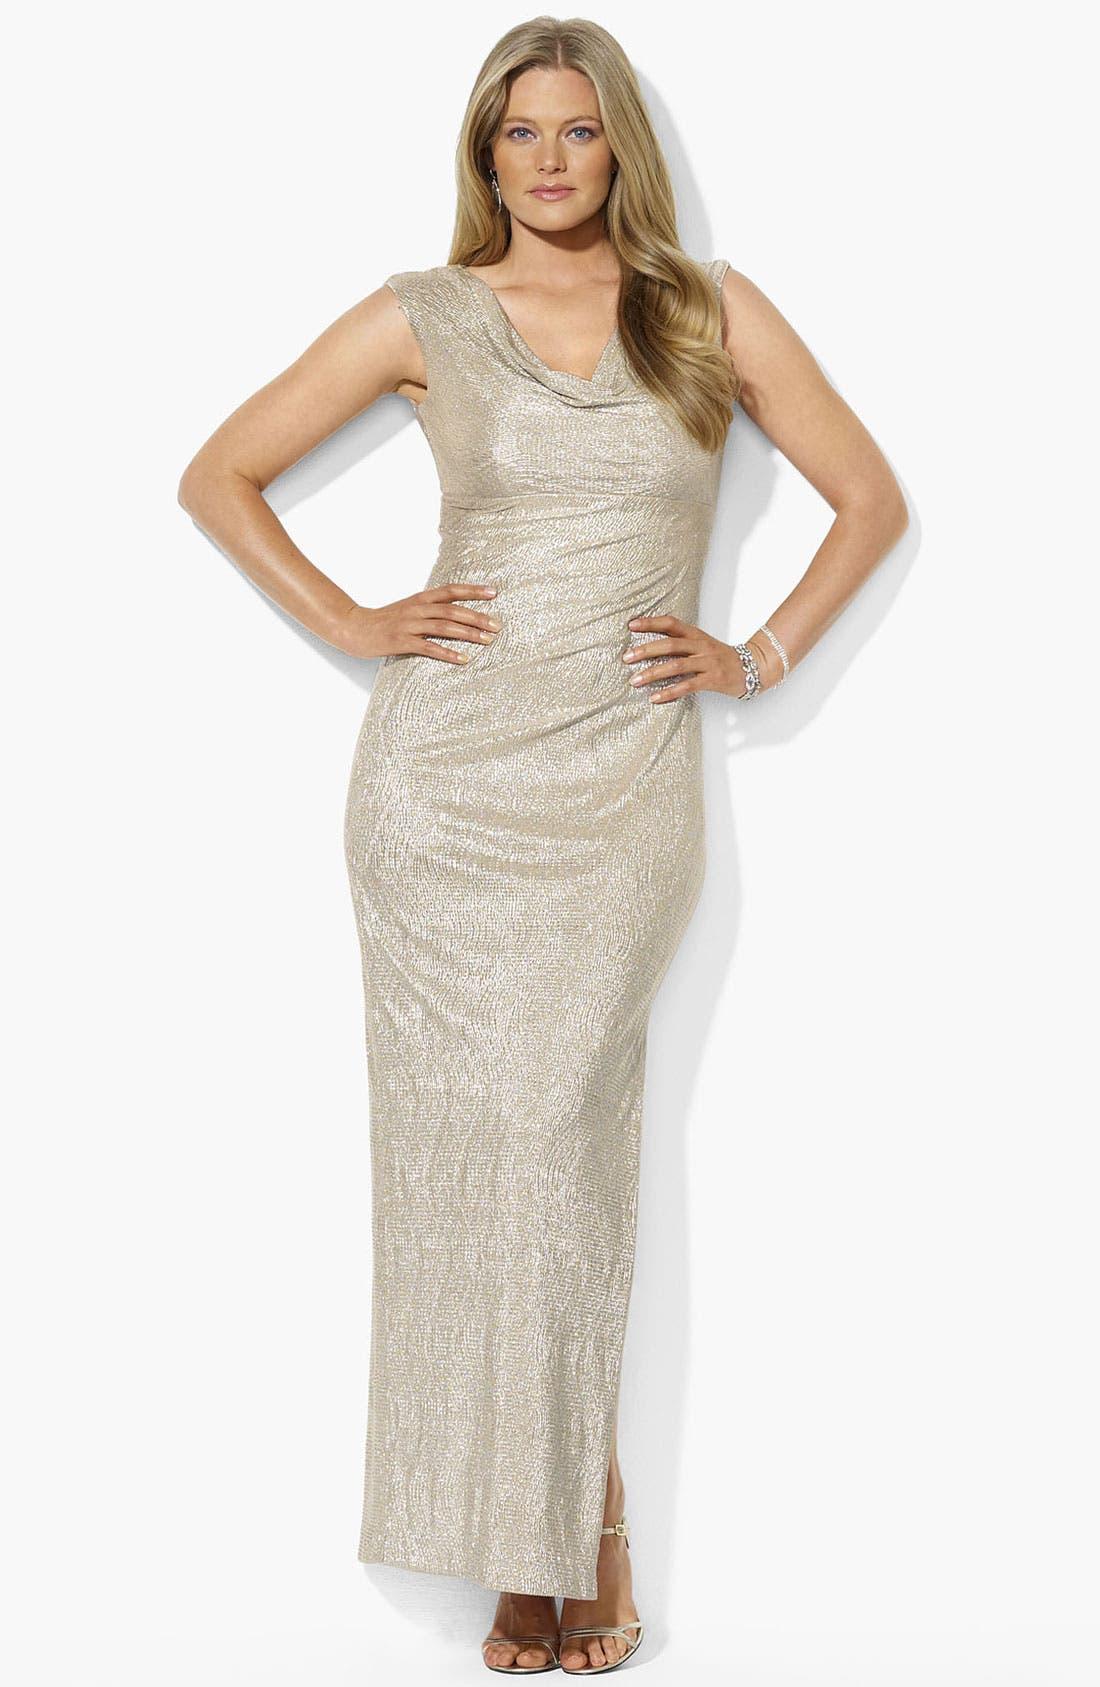 Alternate Image 1 Selected - Lauren Ralph Lauren Metallic Cowl Neck Gown (Plus Size)